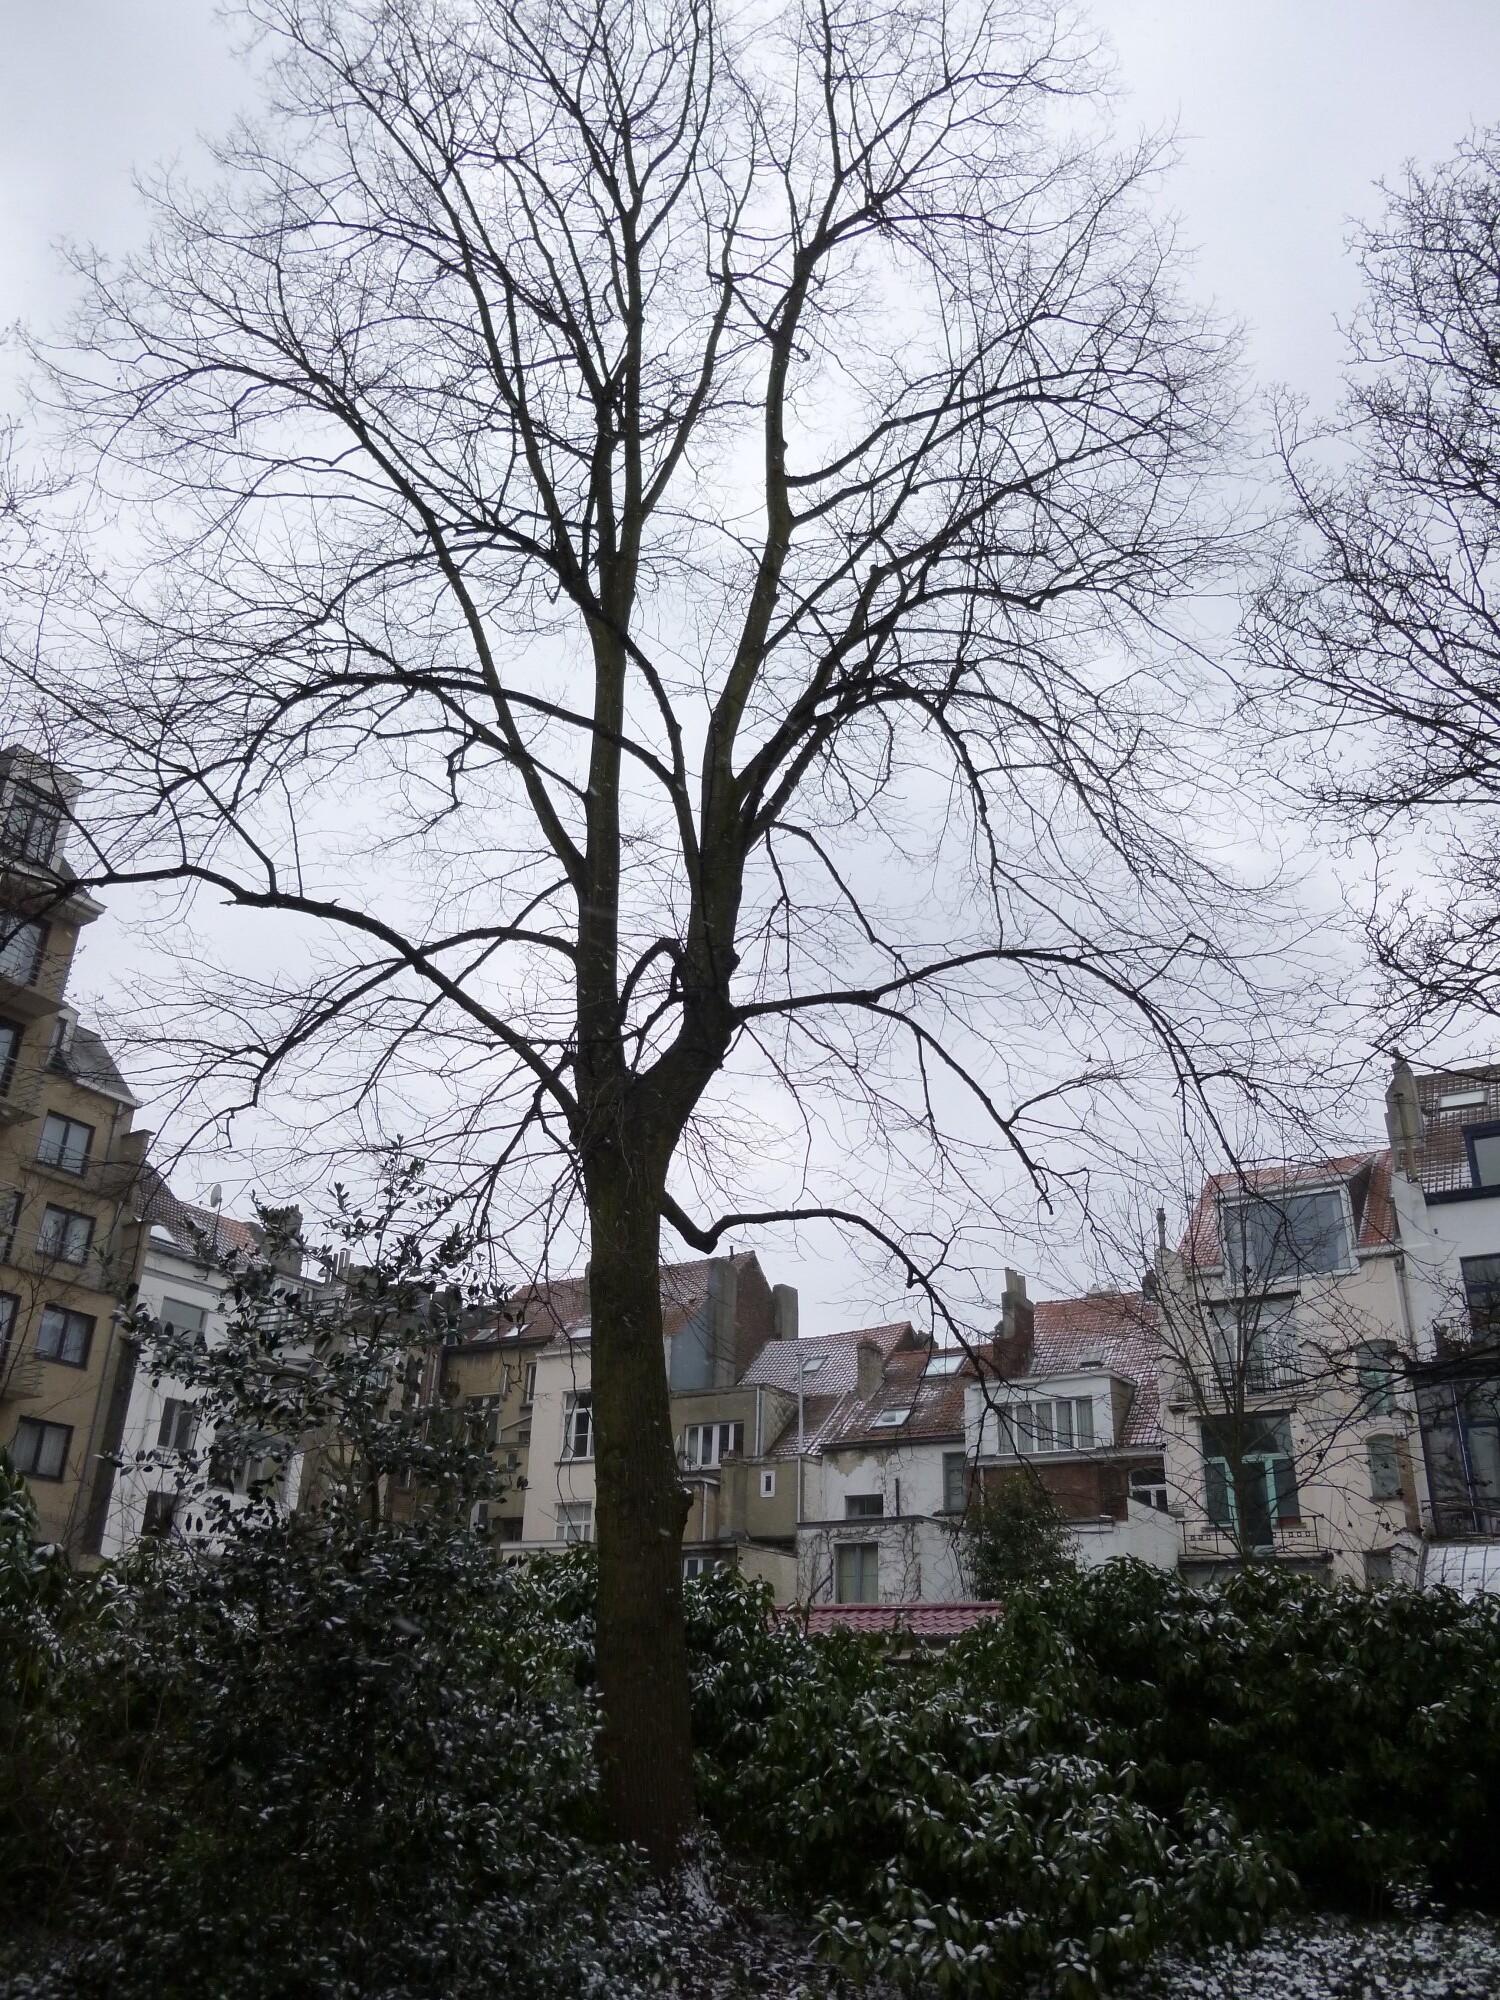 Tilleul commun – Bruxelles, Avenue de la Renaissance, 52 –  11 Mars 2013